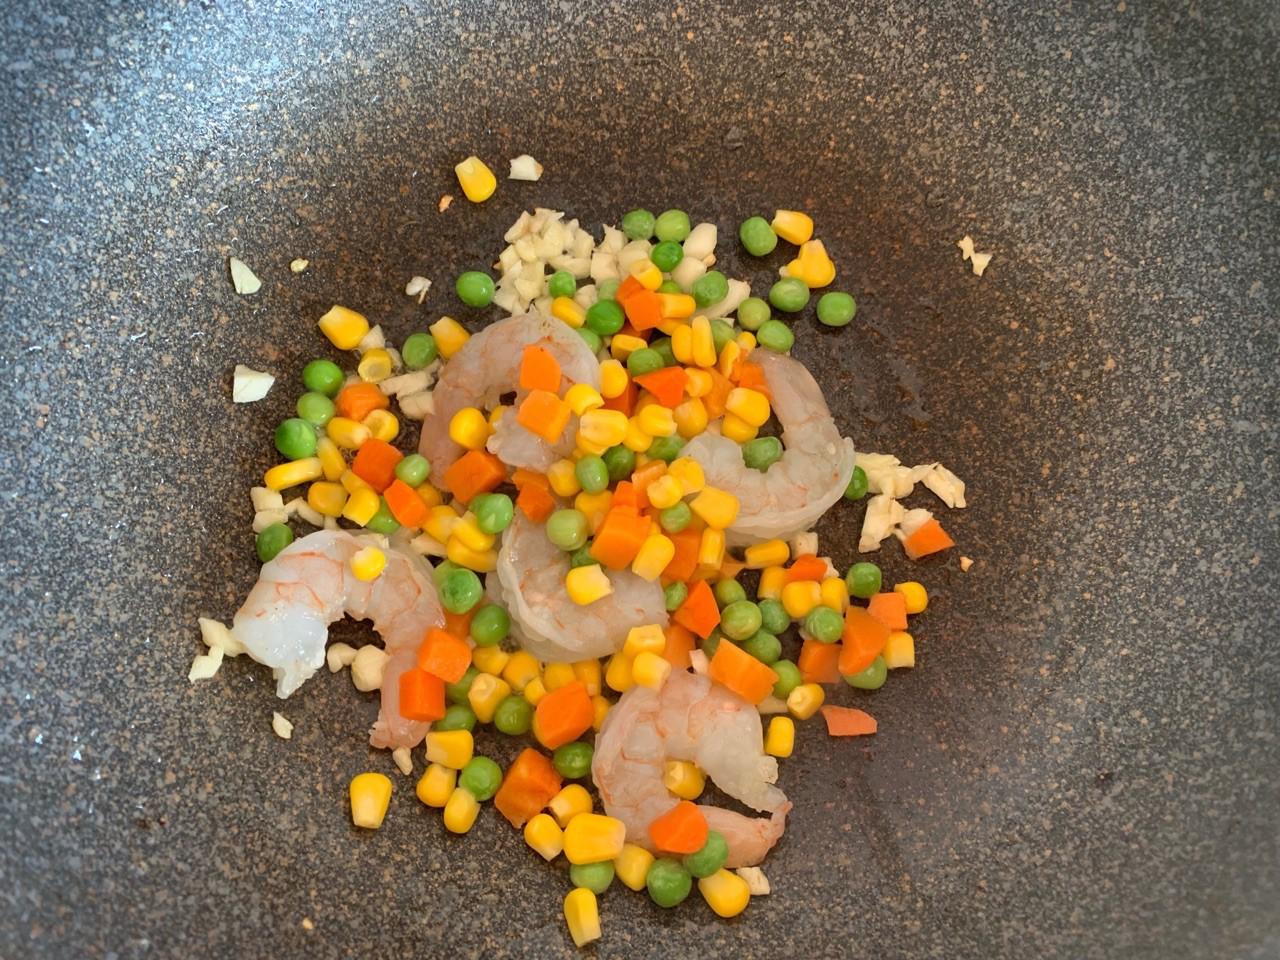 Tôm xào rau củ lạ miệng cho cơm tối cuối tuần - Ảnh 3.